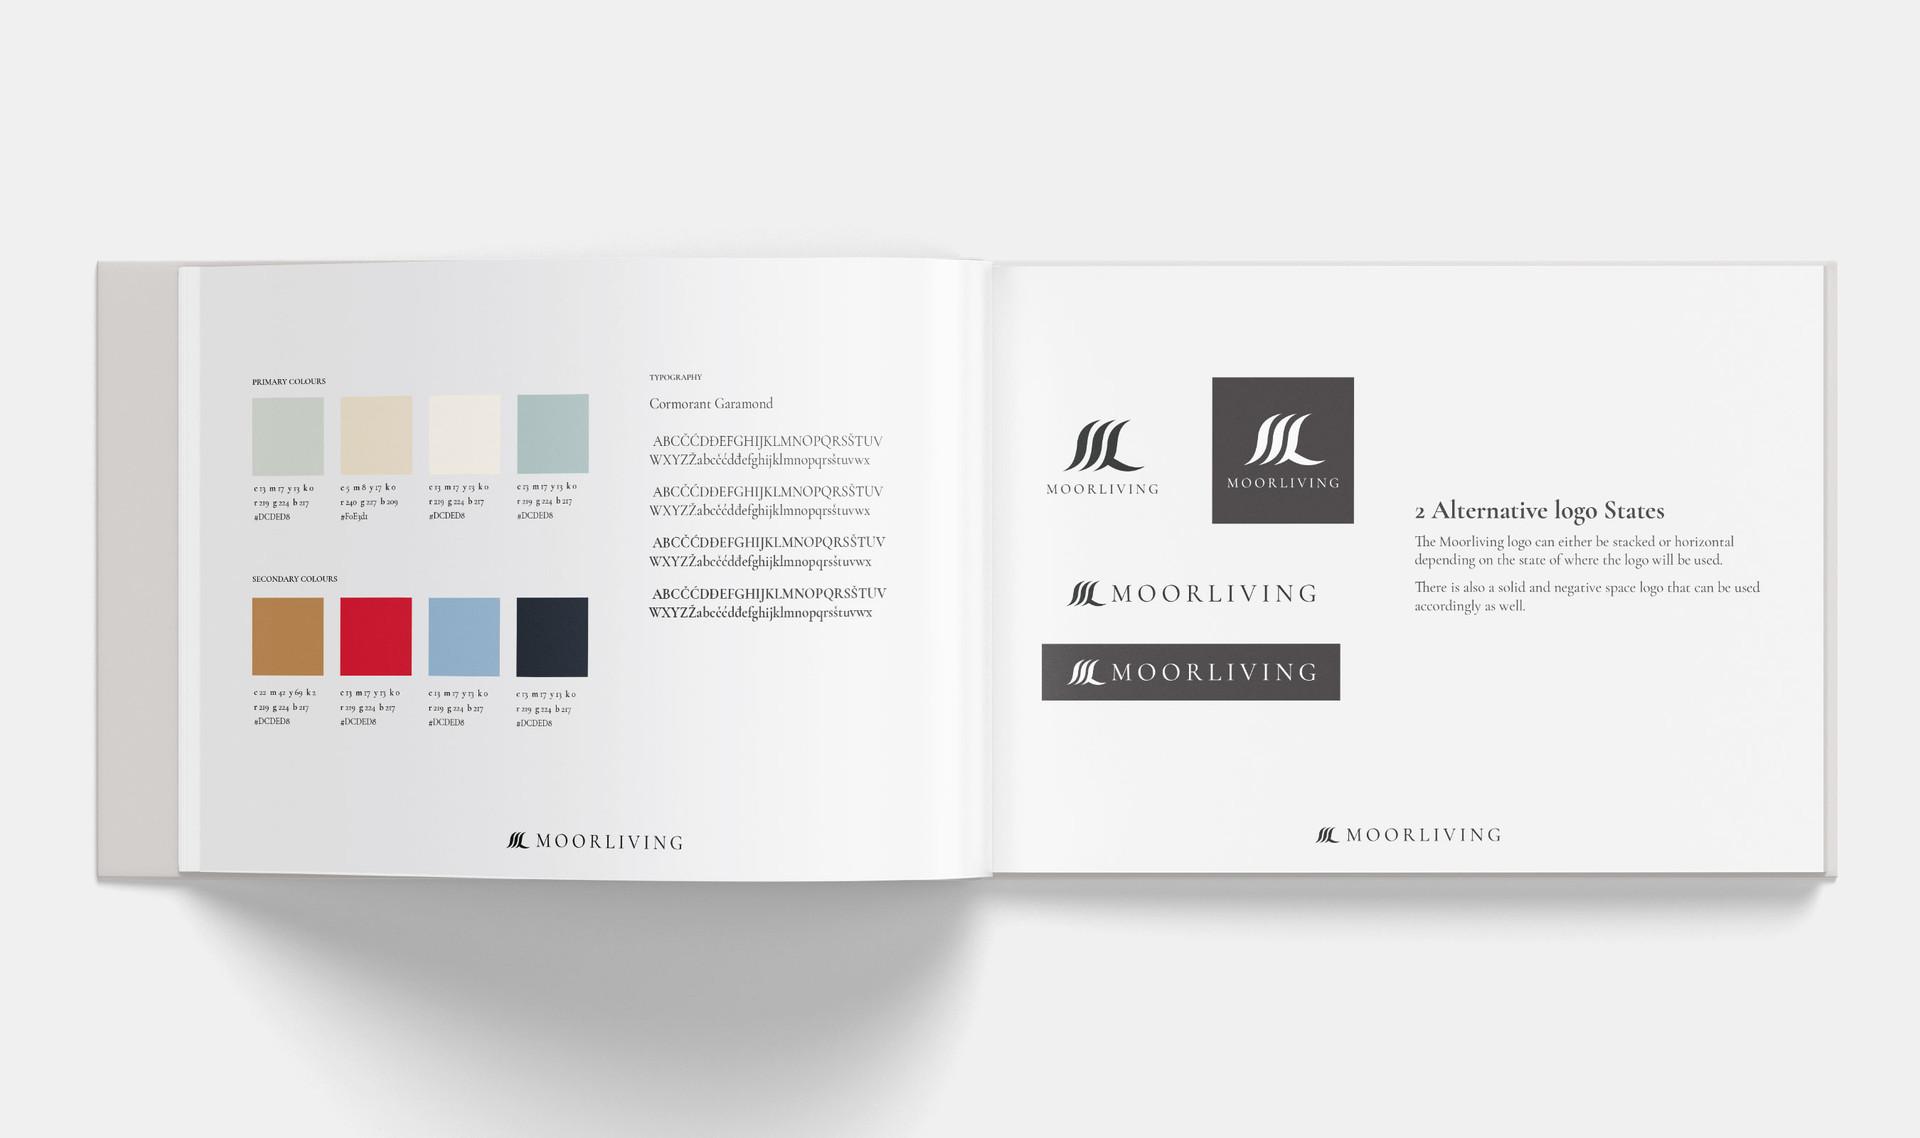 MoorLiving_Horizontal_Book_Mockup_4.jpg